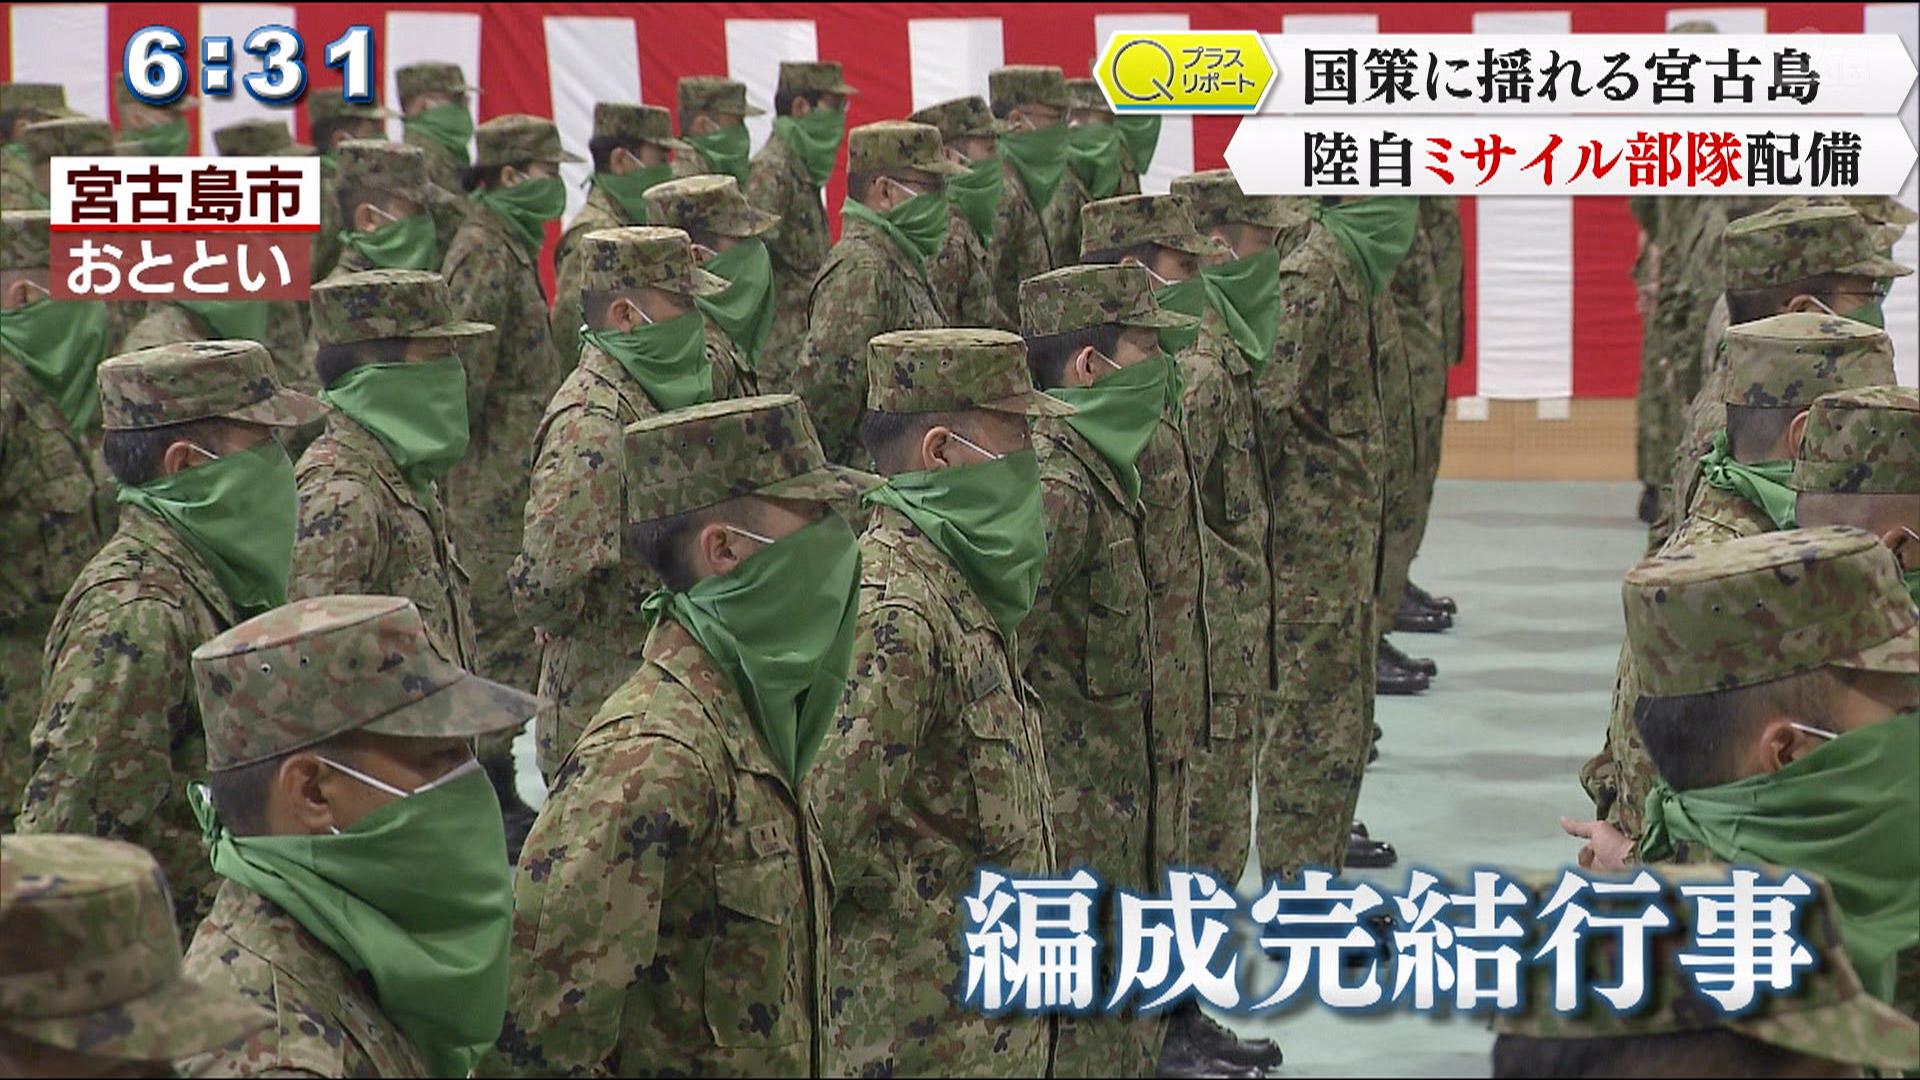 宮古島にミサイル部隊配備